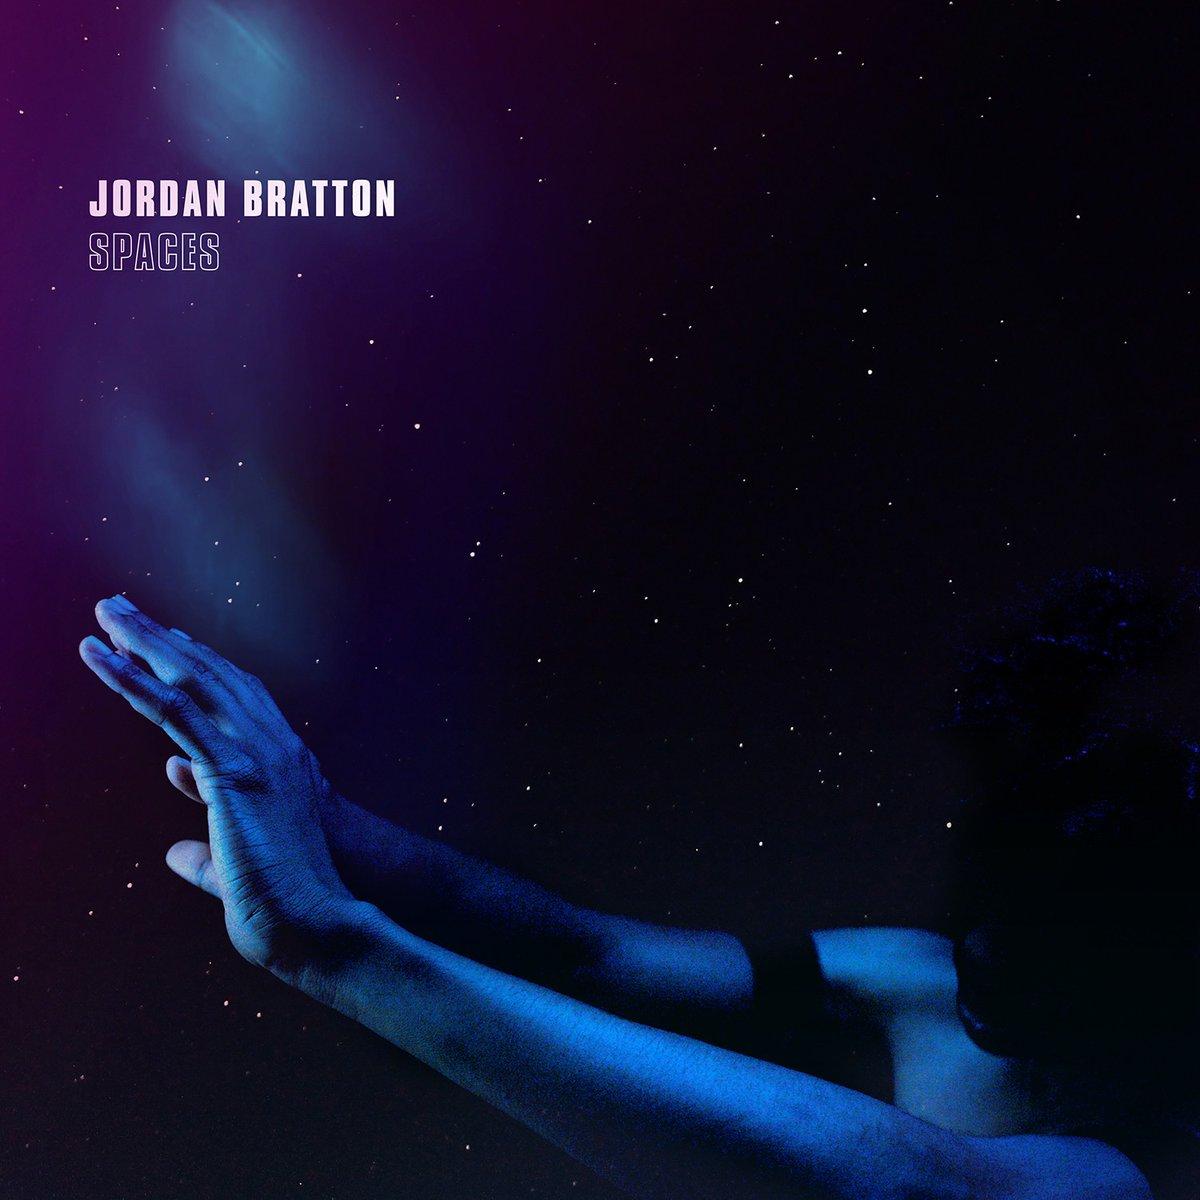 jordan bratton spaces